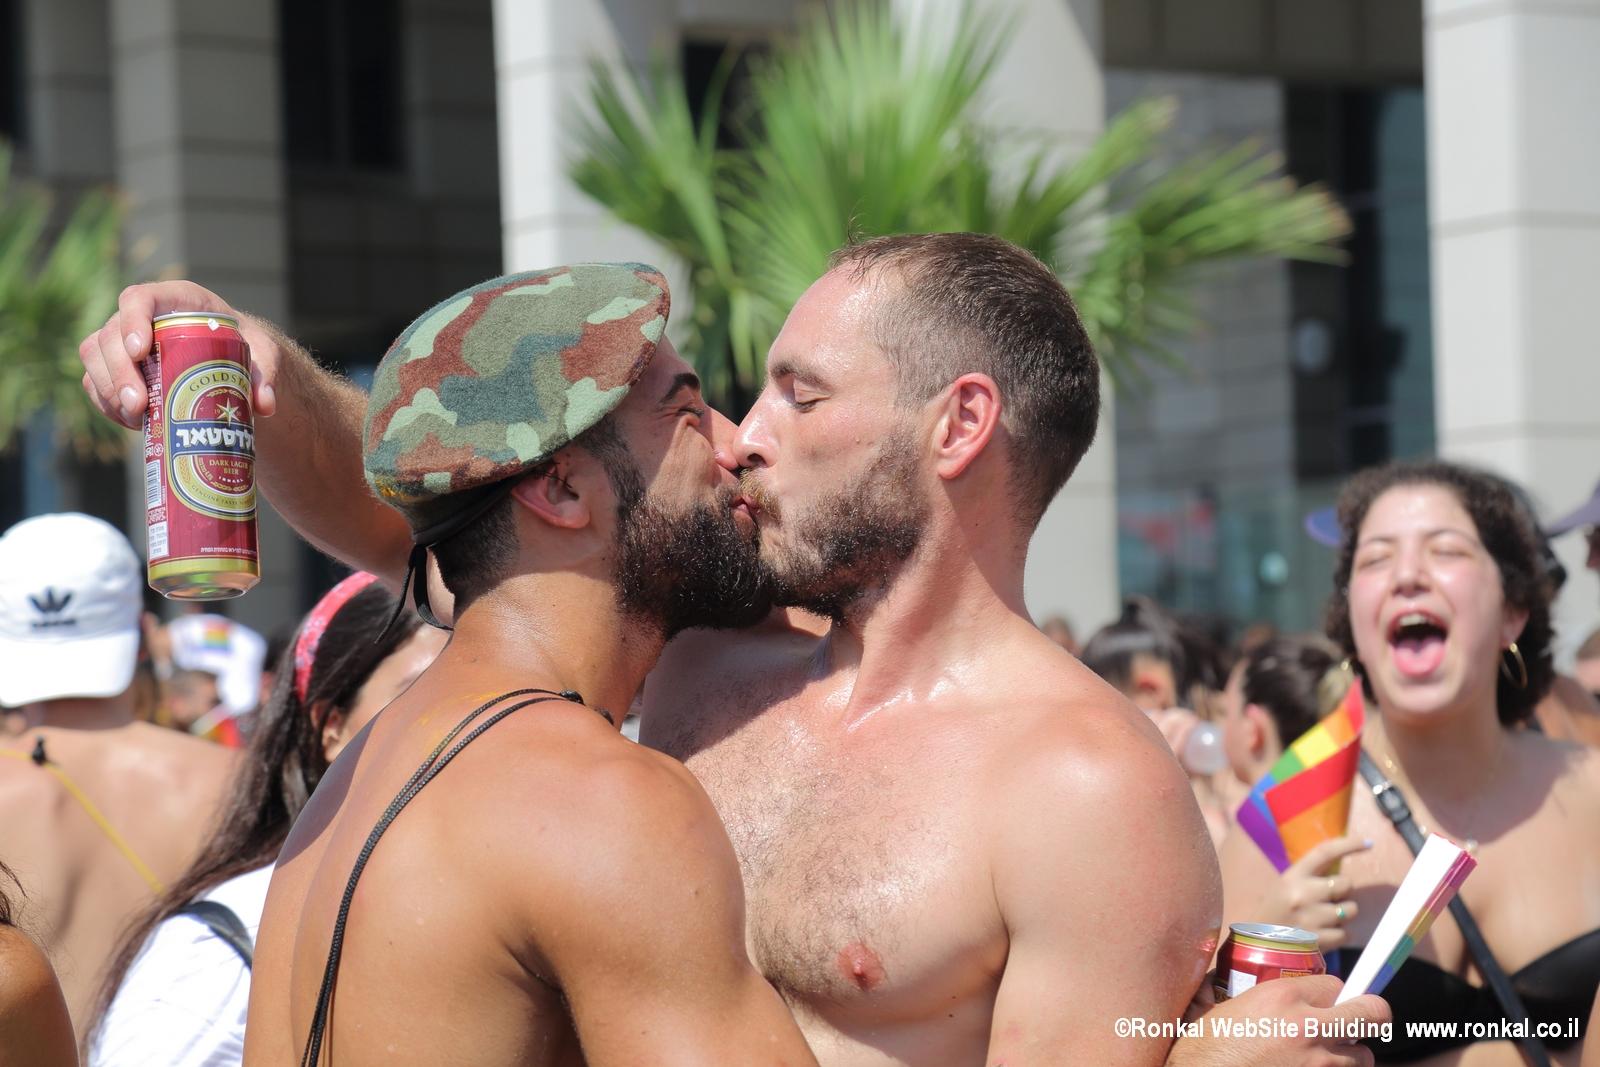 gay_parade 2018 מצעד הגאווה